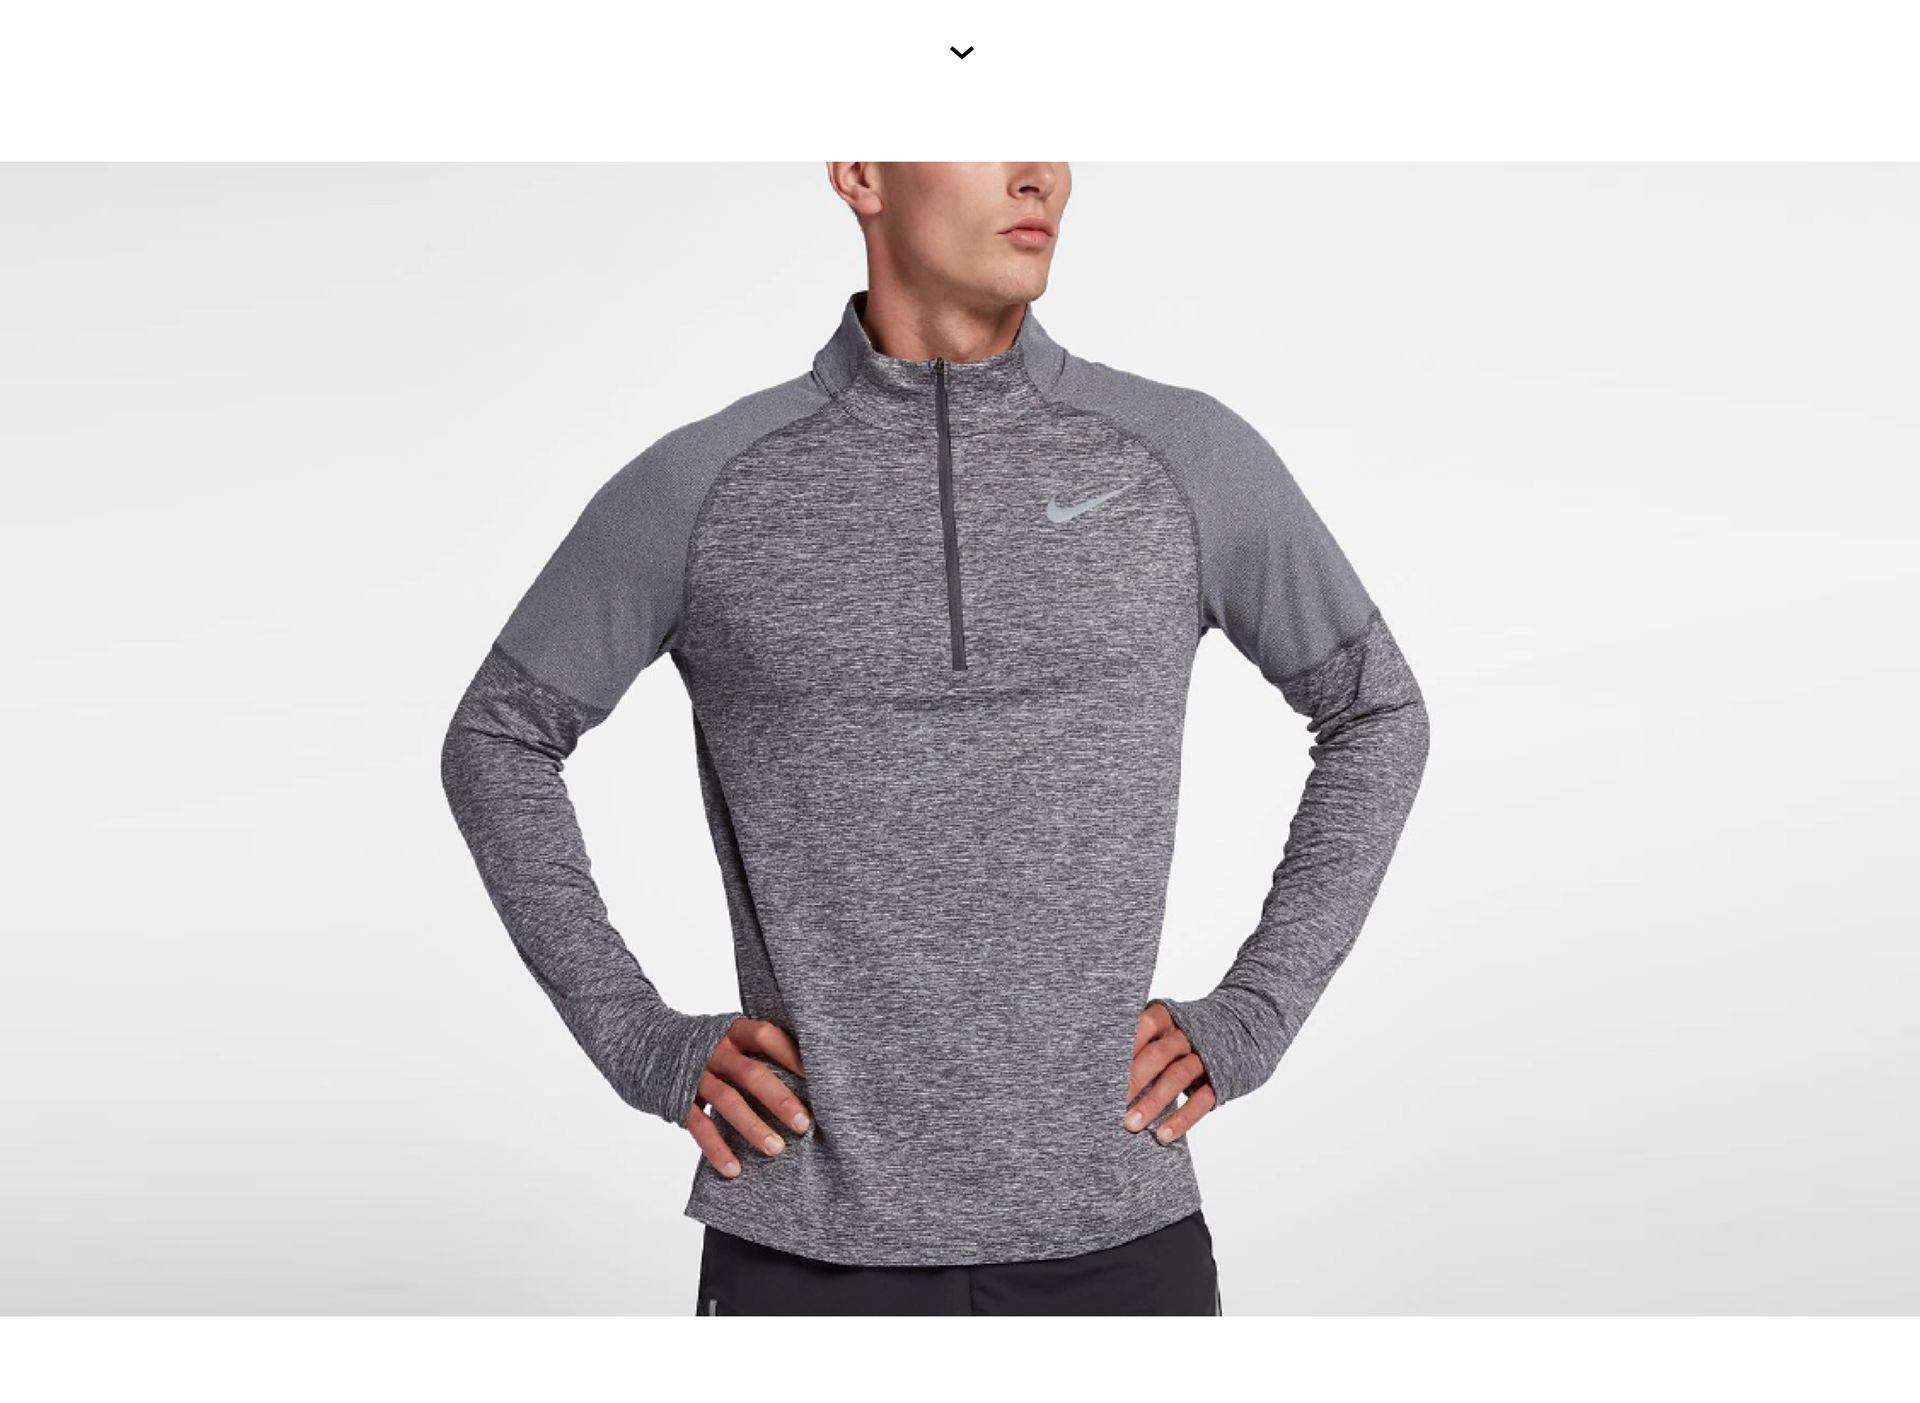 nike air max soldes beige, Nike DRI FIT ELEMENT HOODIE Noir